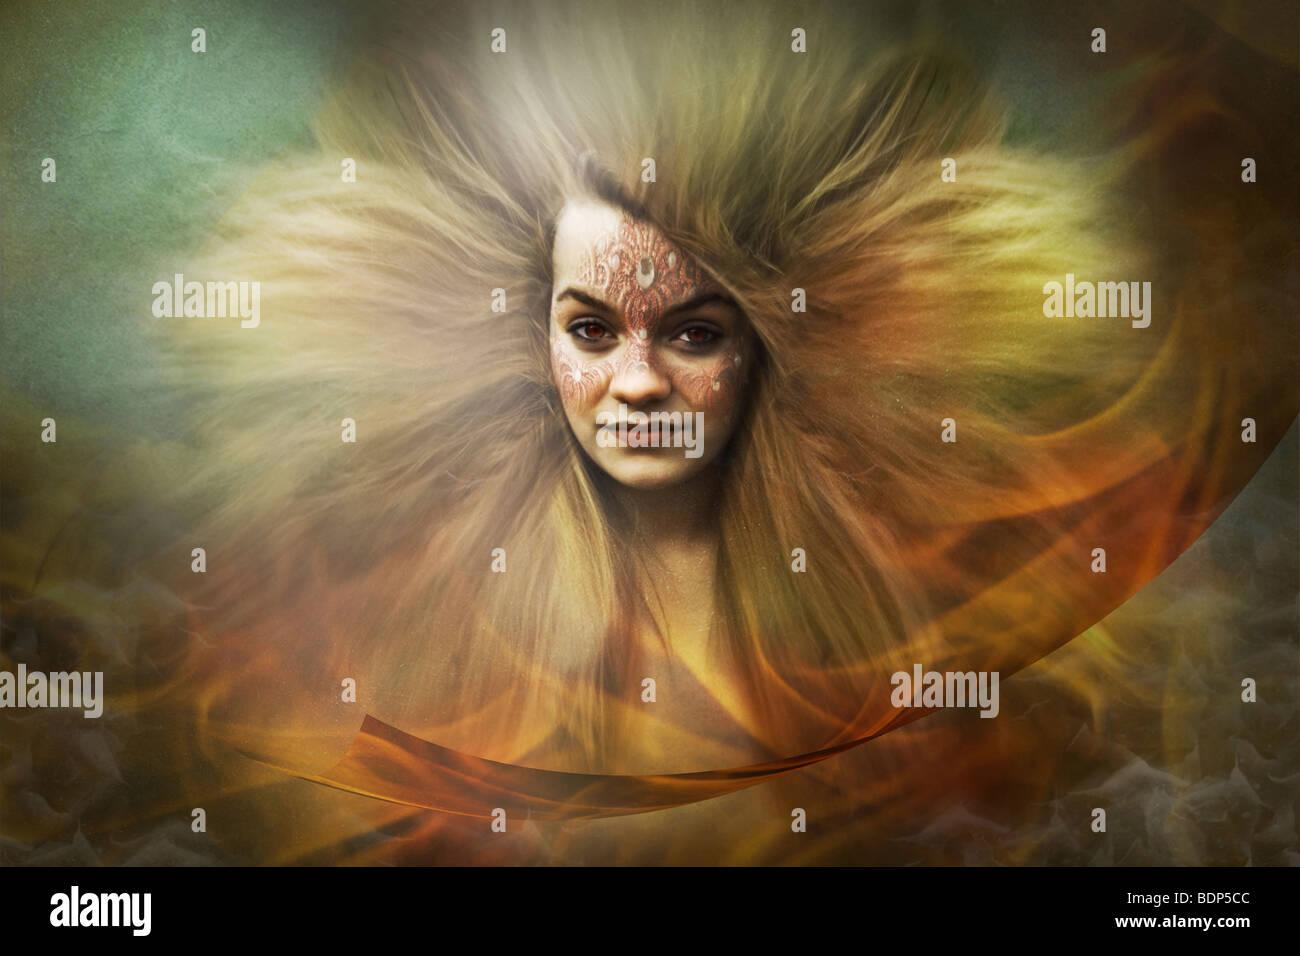 Fantasy Bild einer Frau trägt eine Maske und Haare mit Flammen um sie herum fließt Stockbild